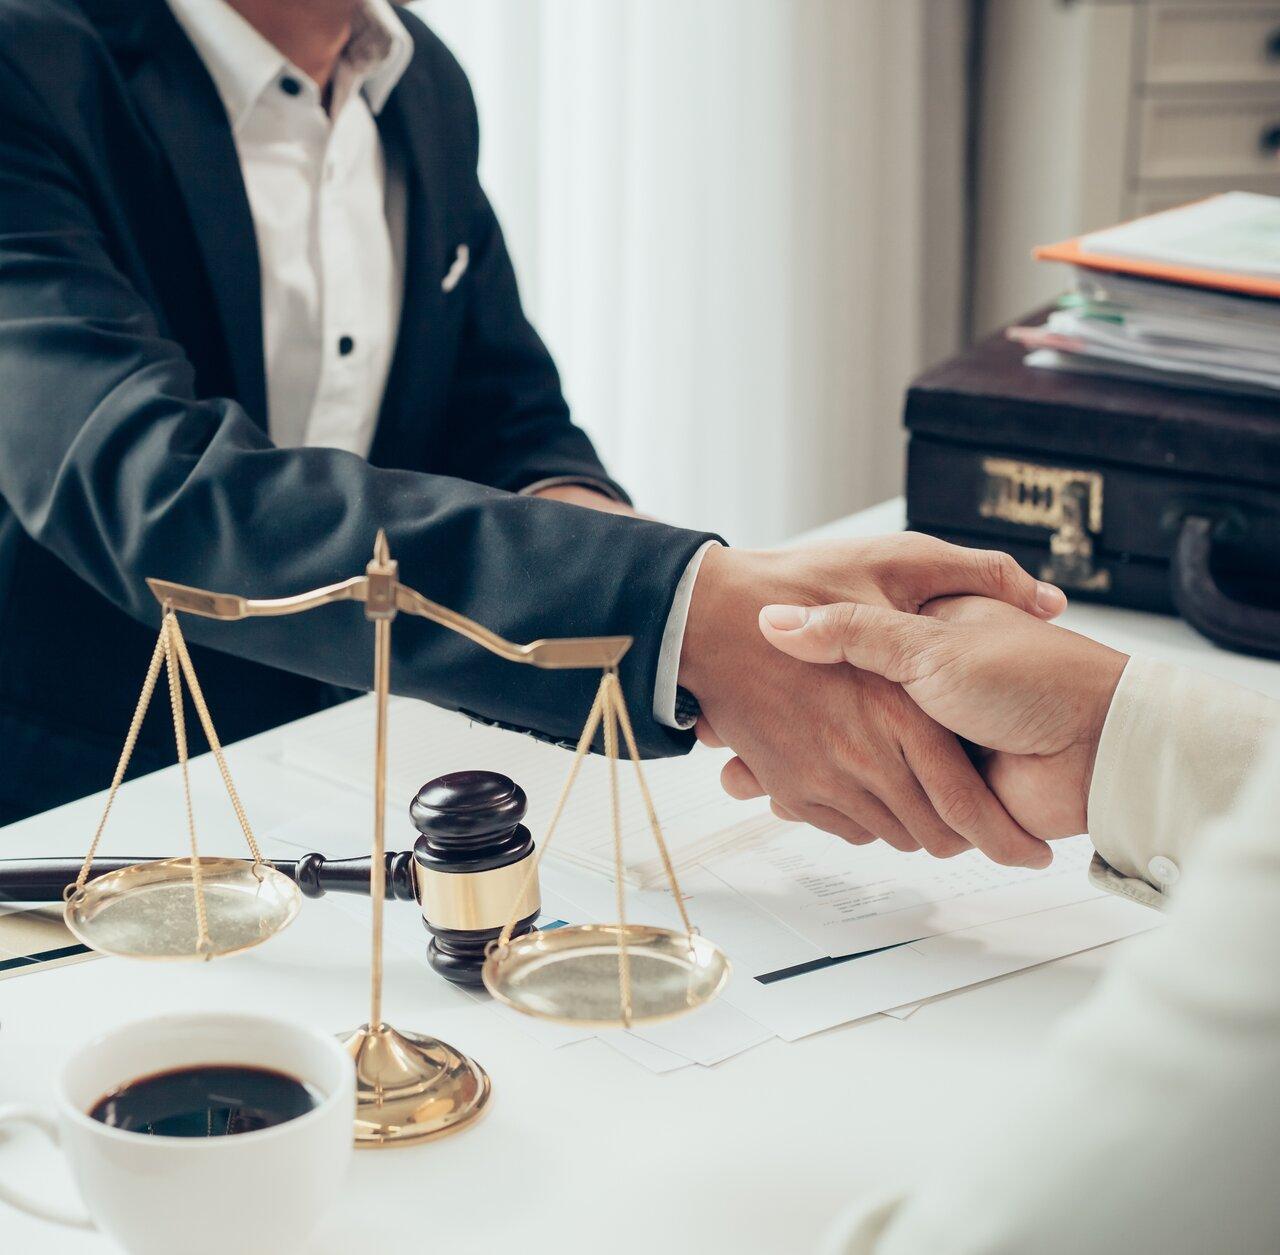 юрист юрисконсульт